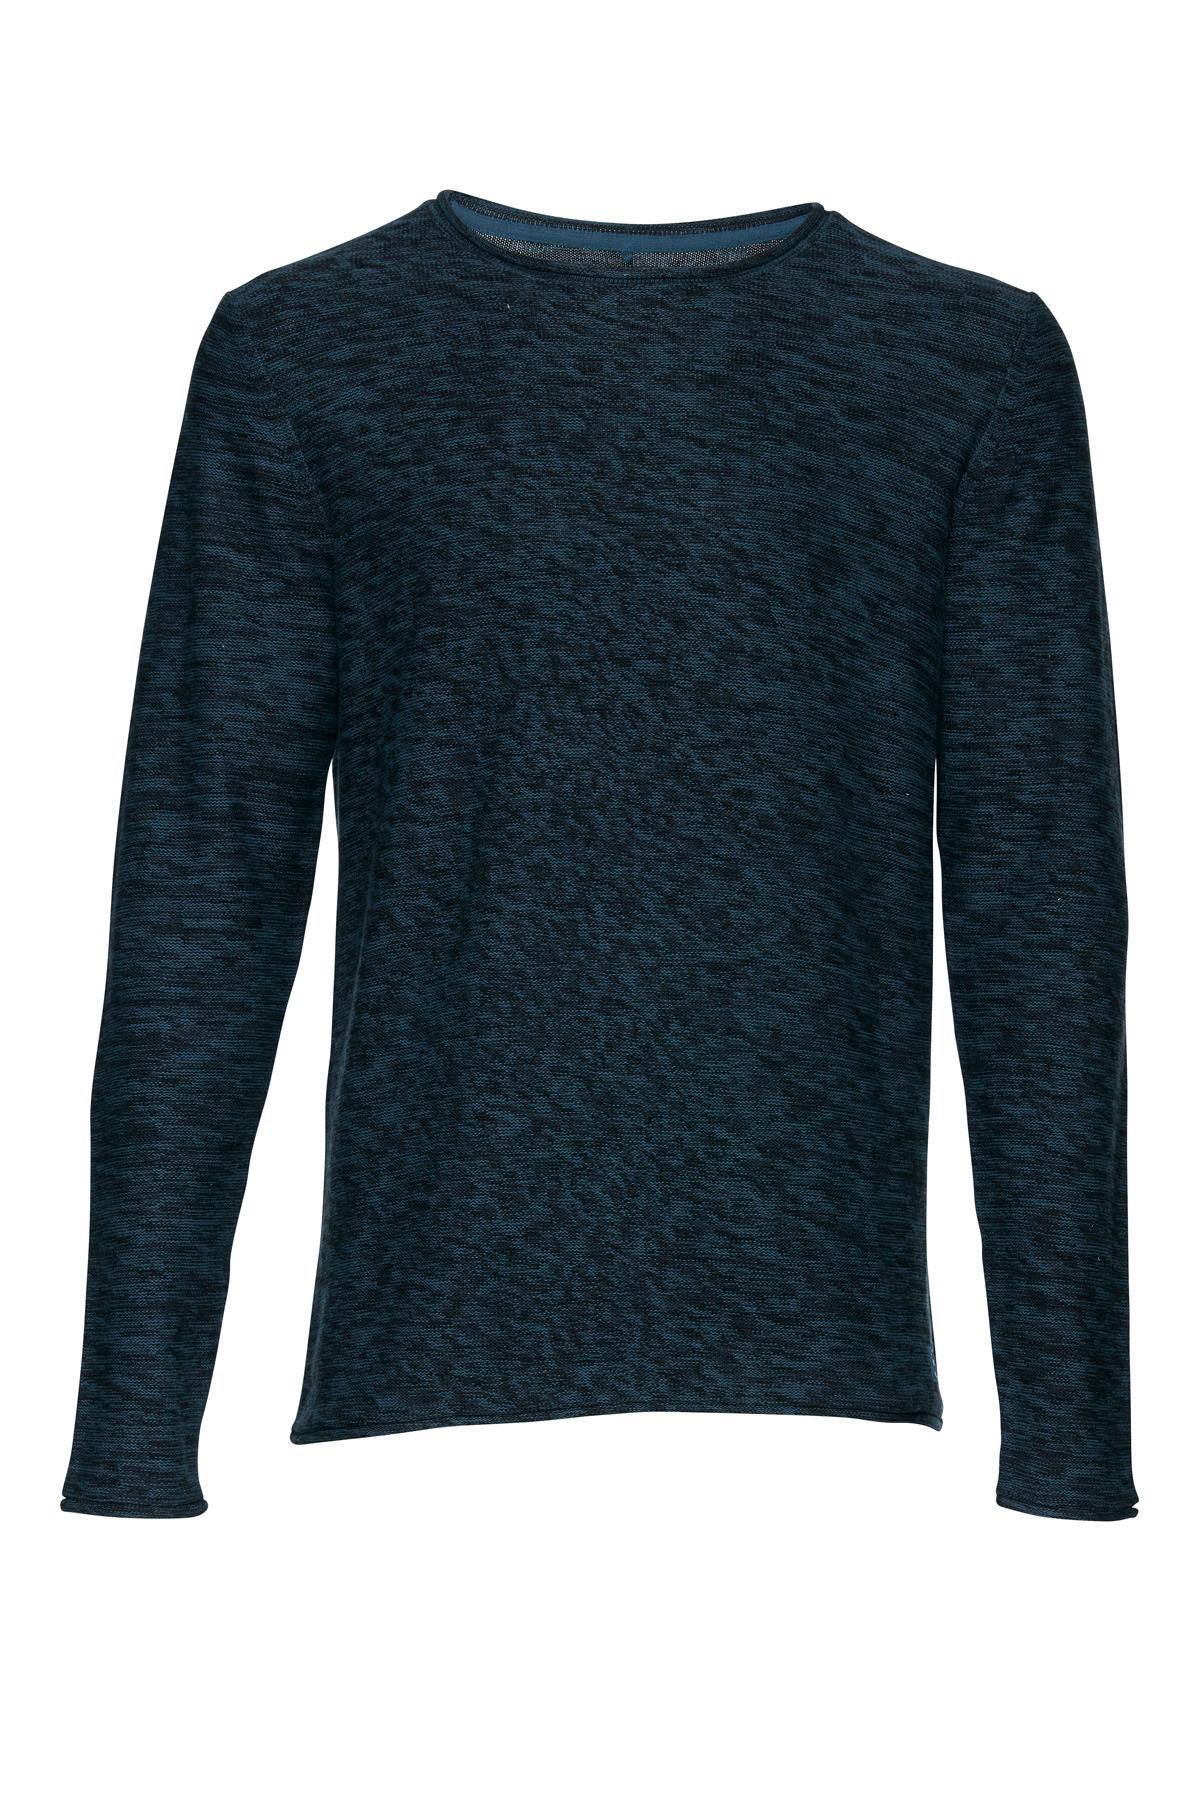 Mørkeblå meleret Strikpullover – Køb Mørkeblå meleret Strikpullover fra str. S-XL her